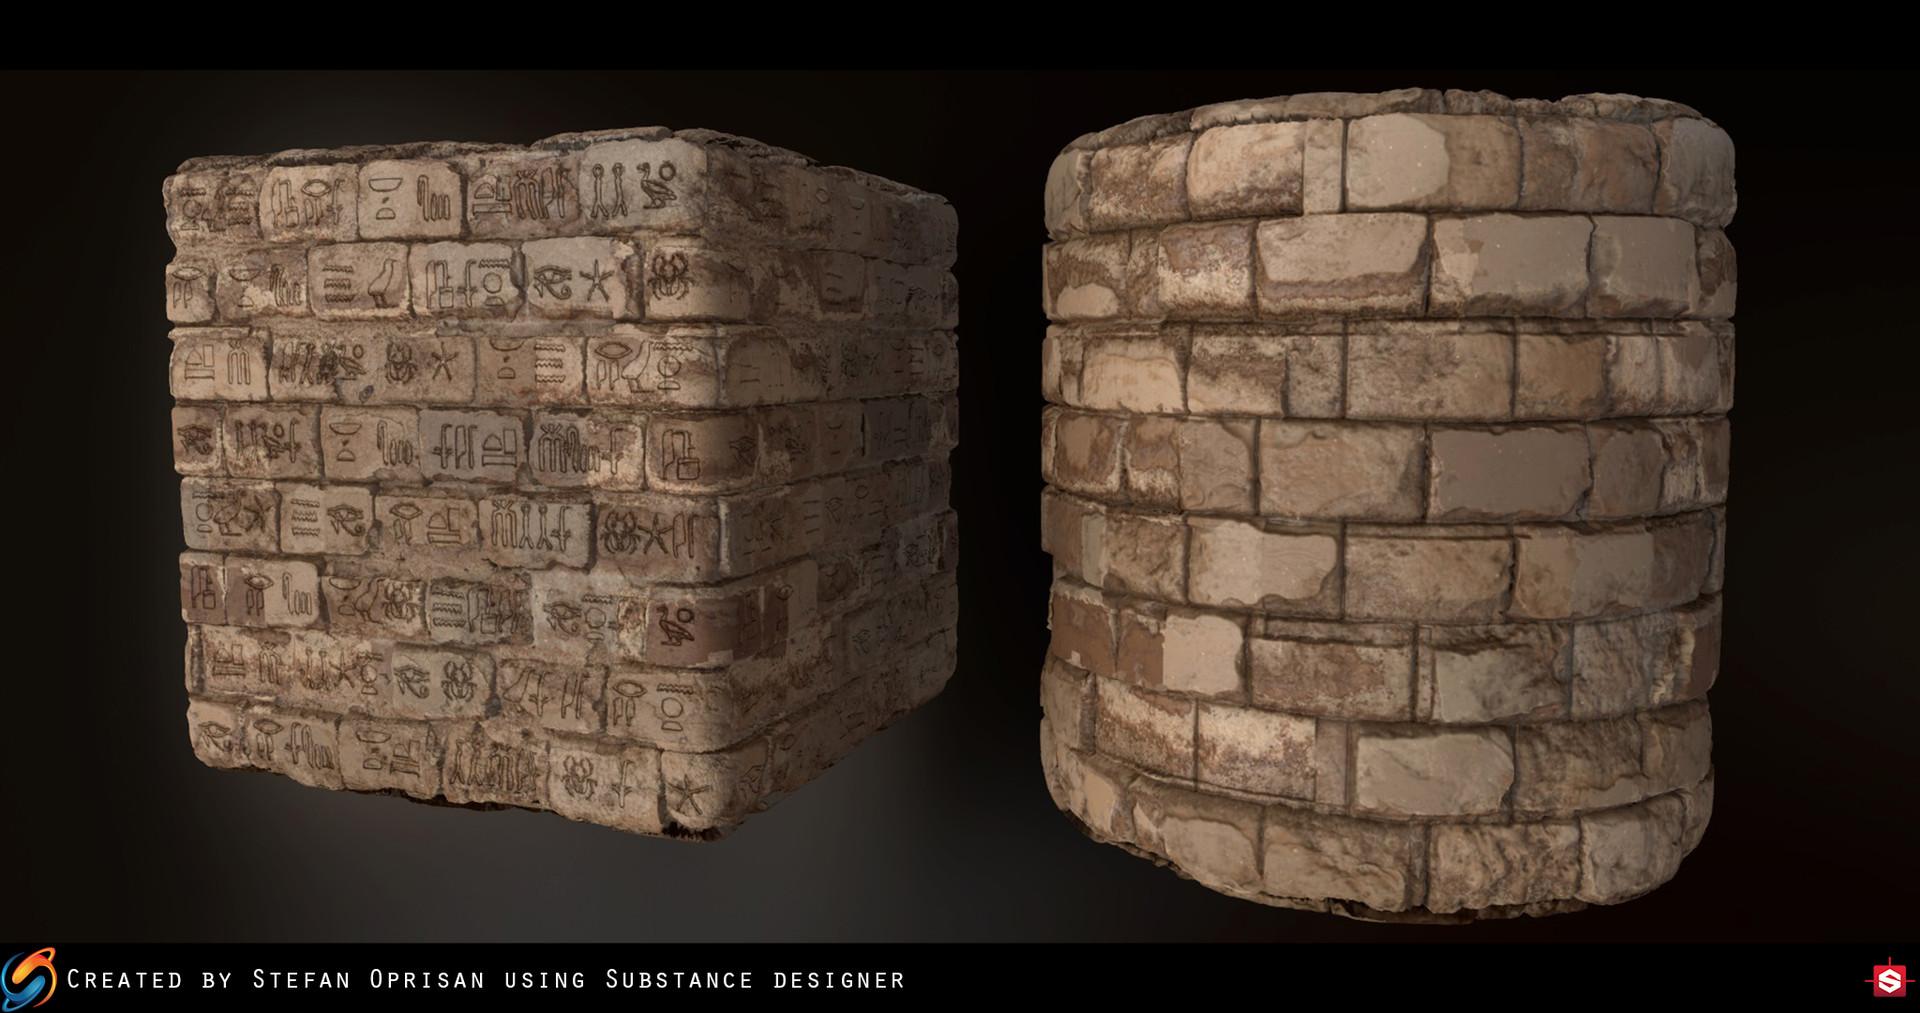 Stefan oprisan hiero stone wall